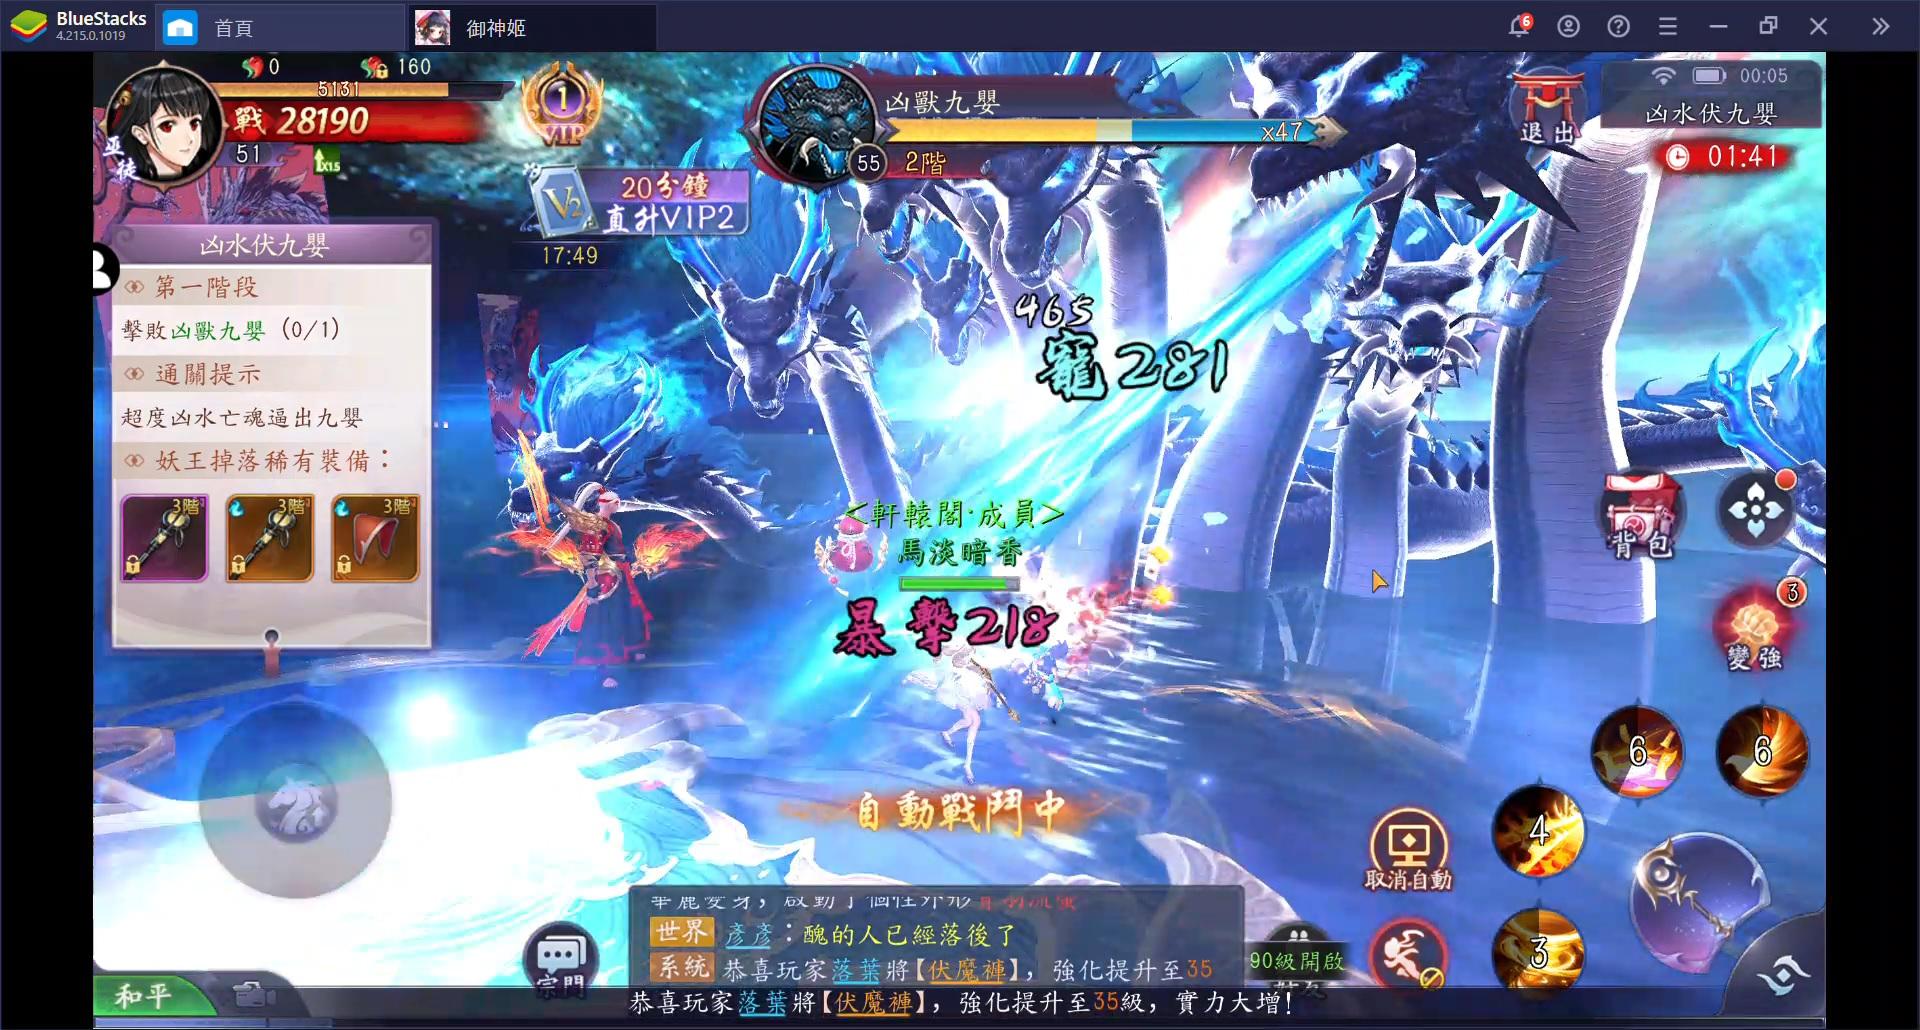 使用BlueStacks在PC上遊玩和風物語RPG《御神姬》